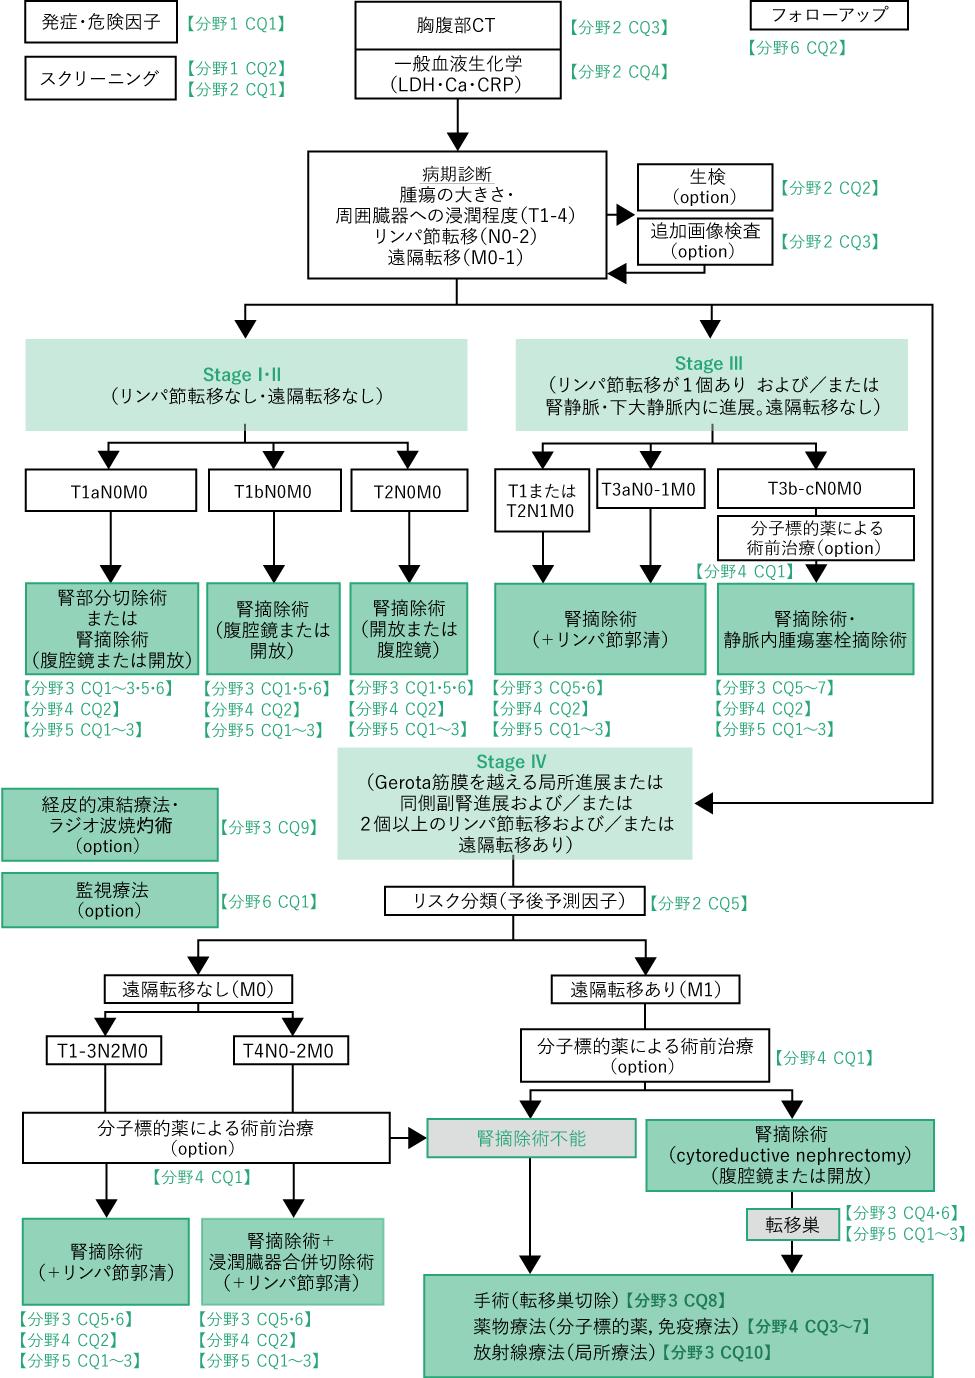 腎癌診療アルゴリズム